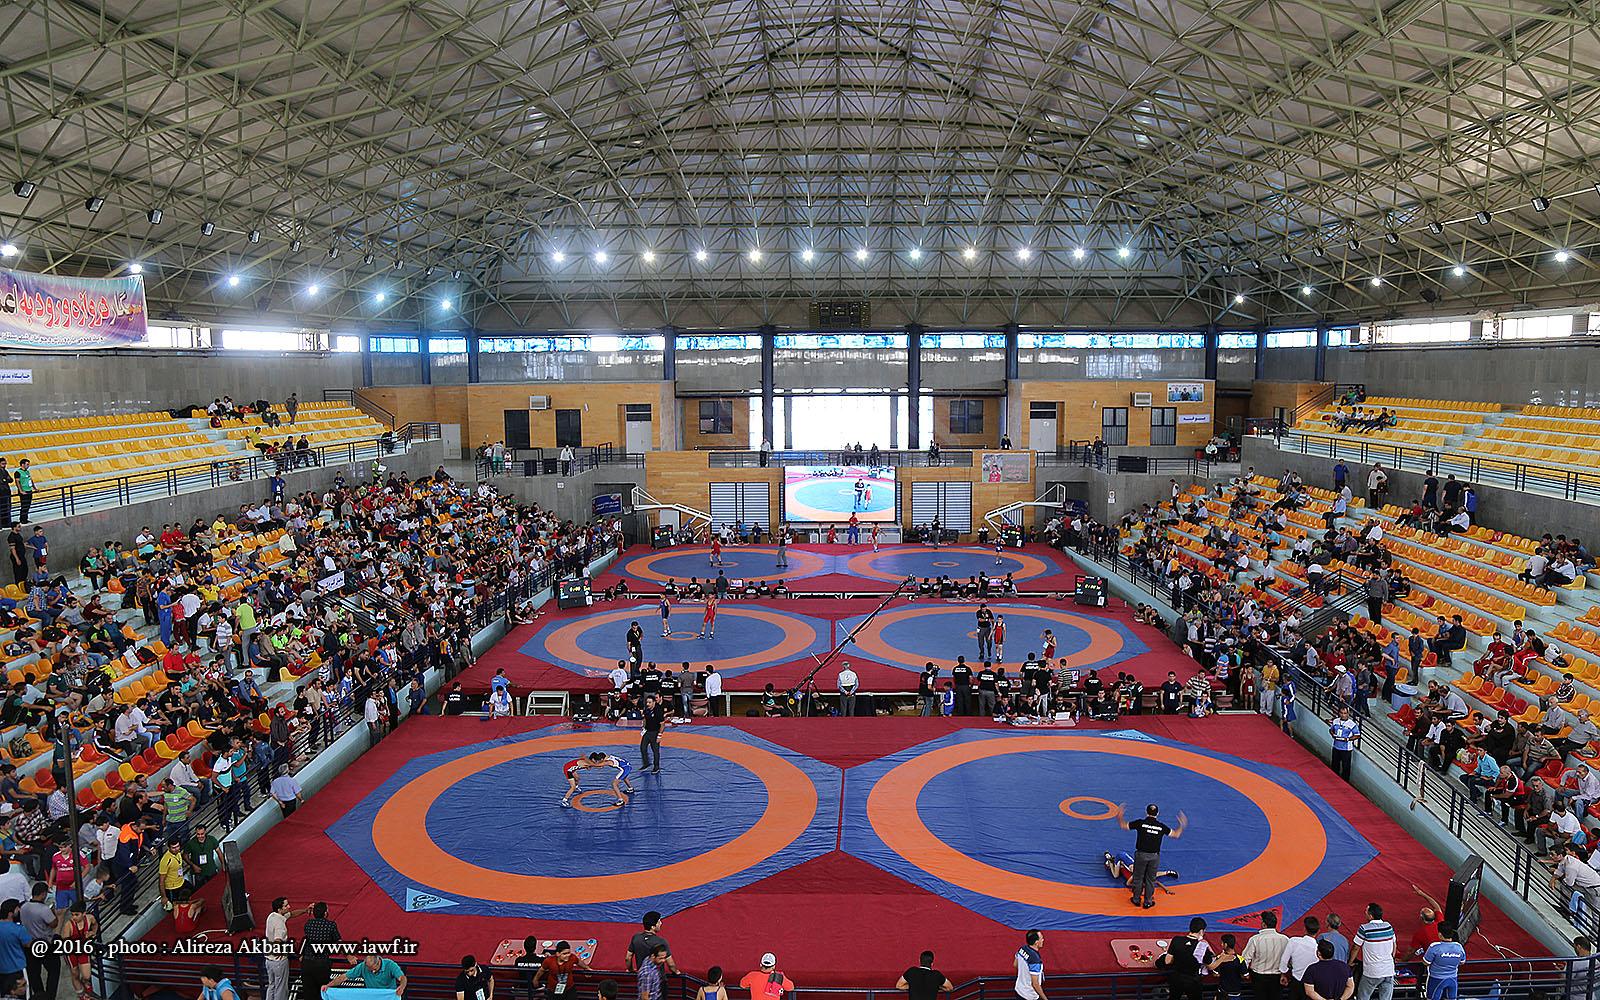 برگزاری رقابتهای کشتی بزرگسالان قهرمانی کشور گروه ب در شهرهای ملکان و زرین شهر